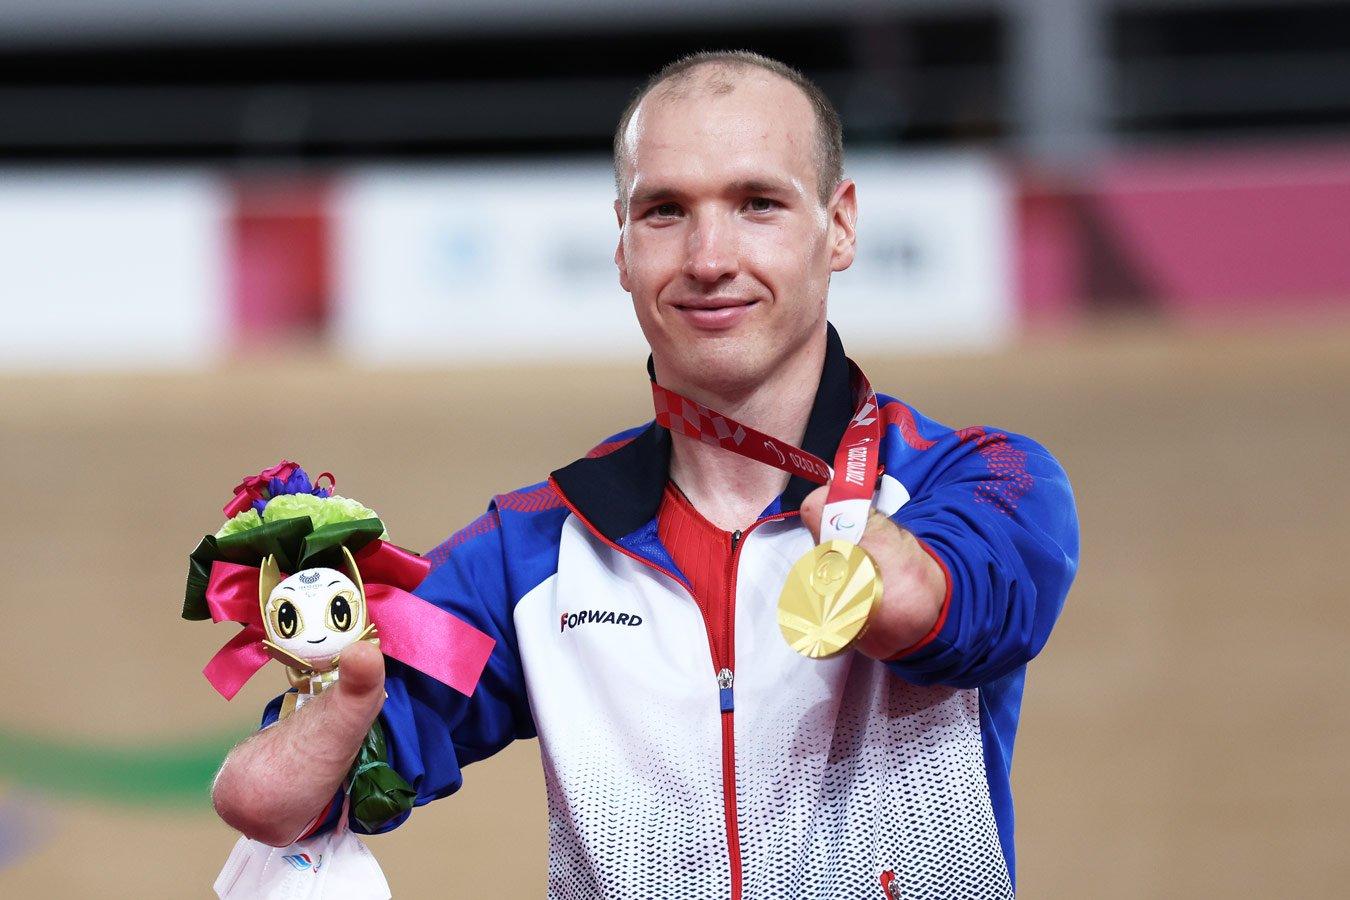 История паралимпийского чемпиона Михаила Асташова